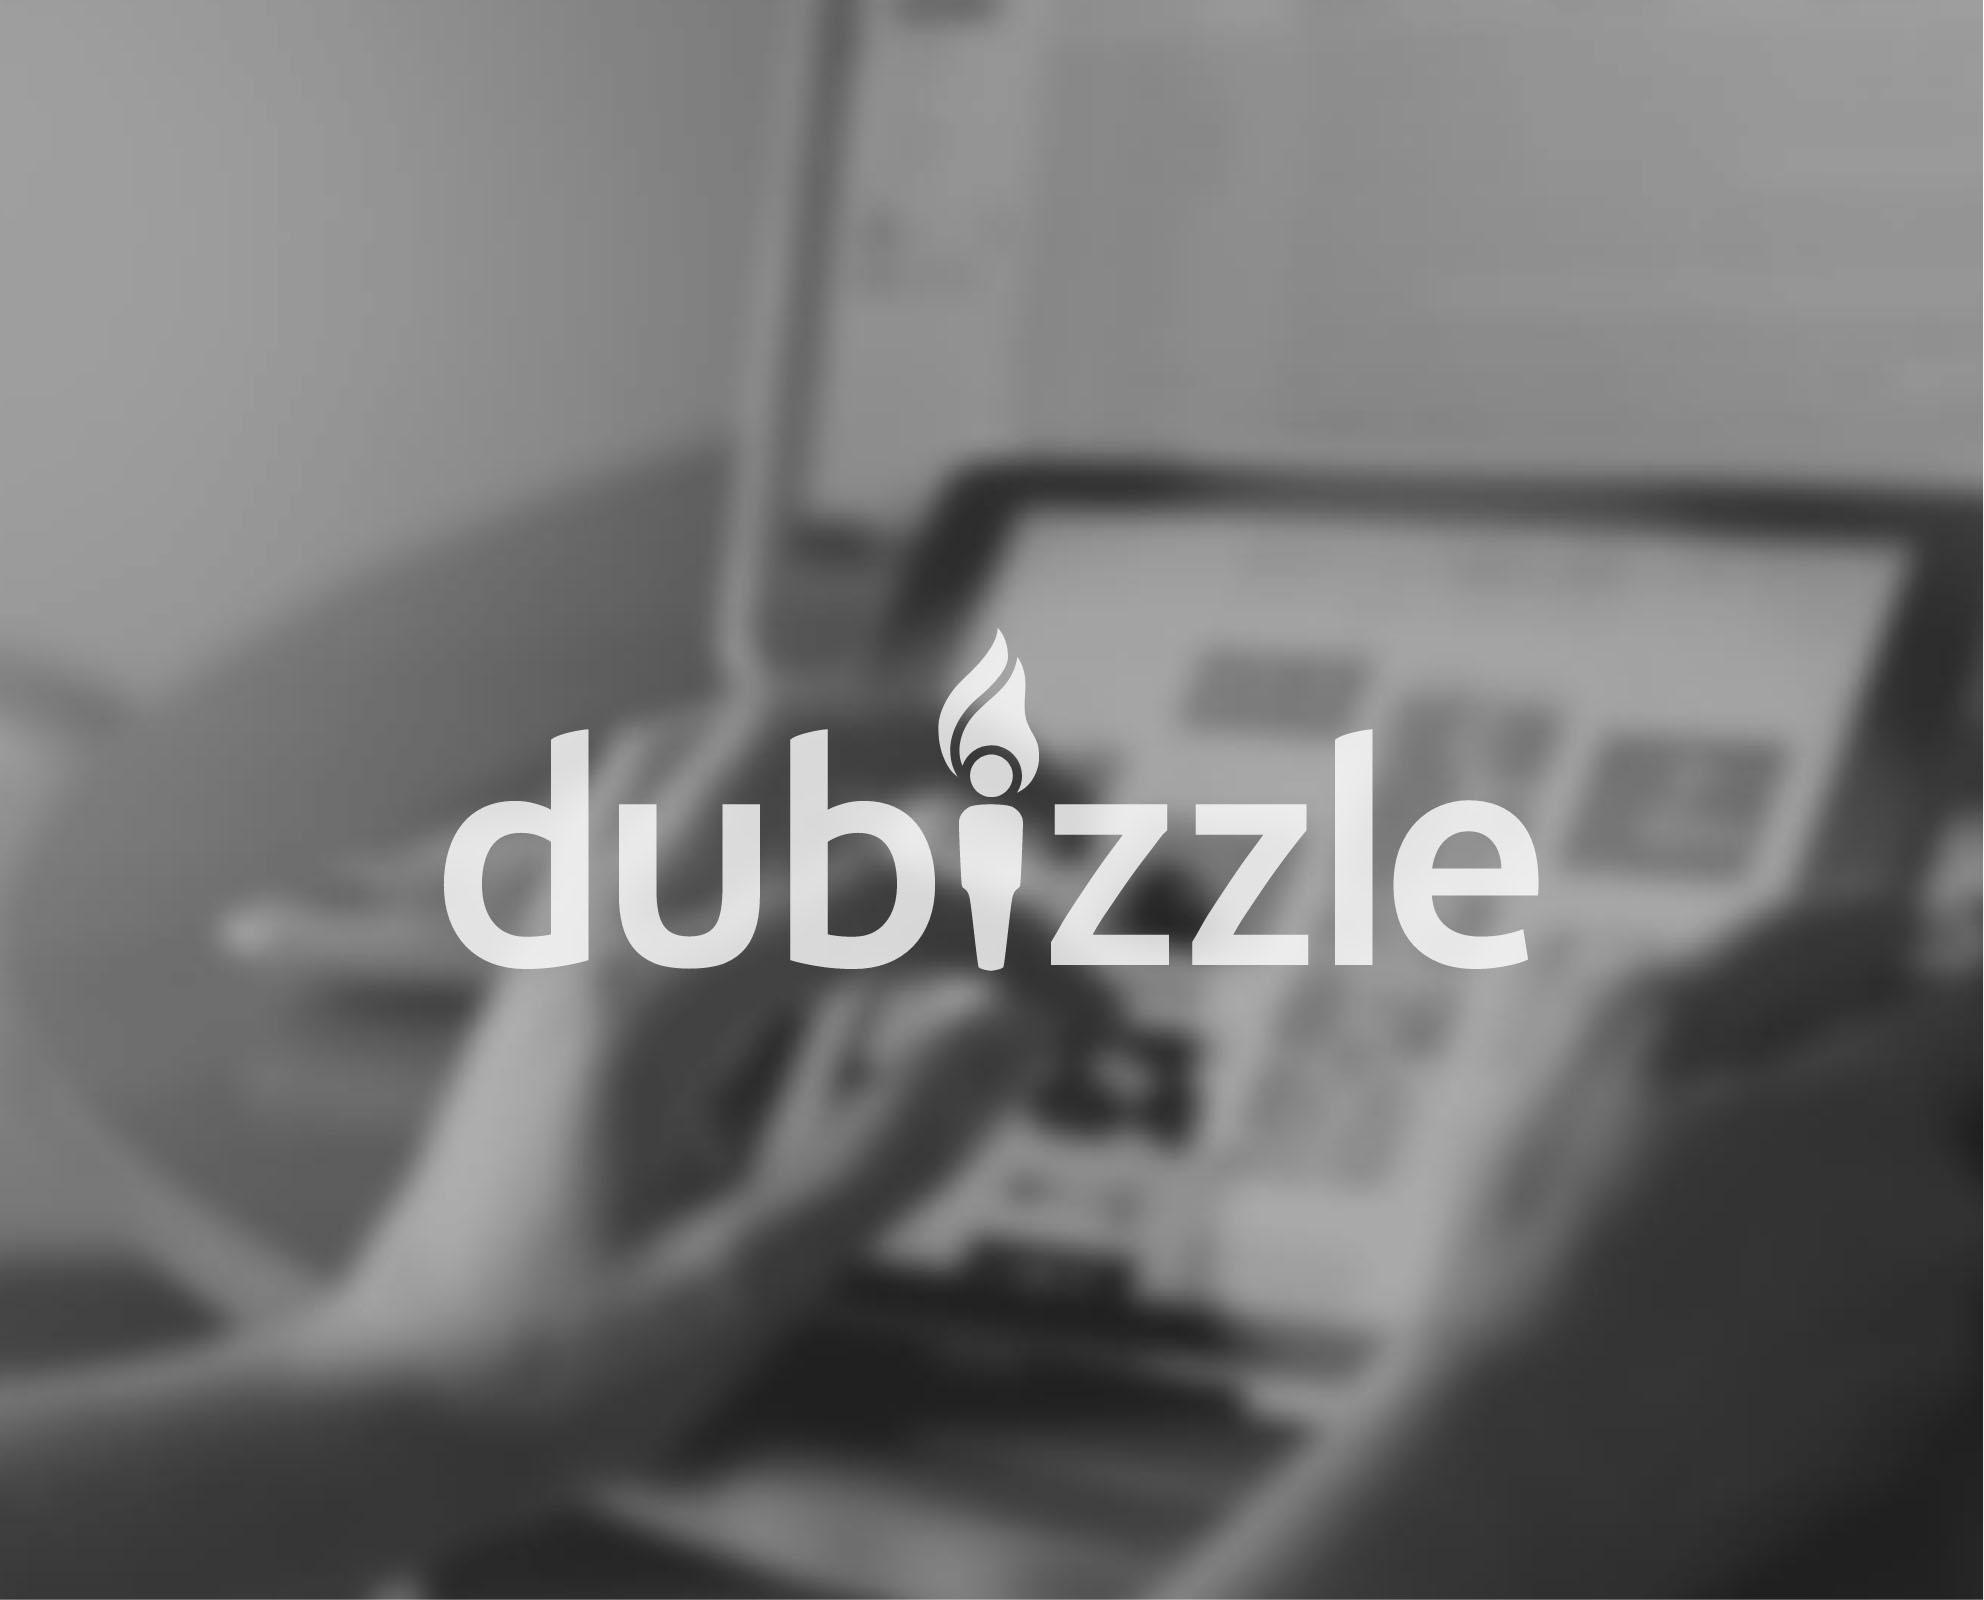 dubizzle-ad-case-study